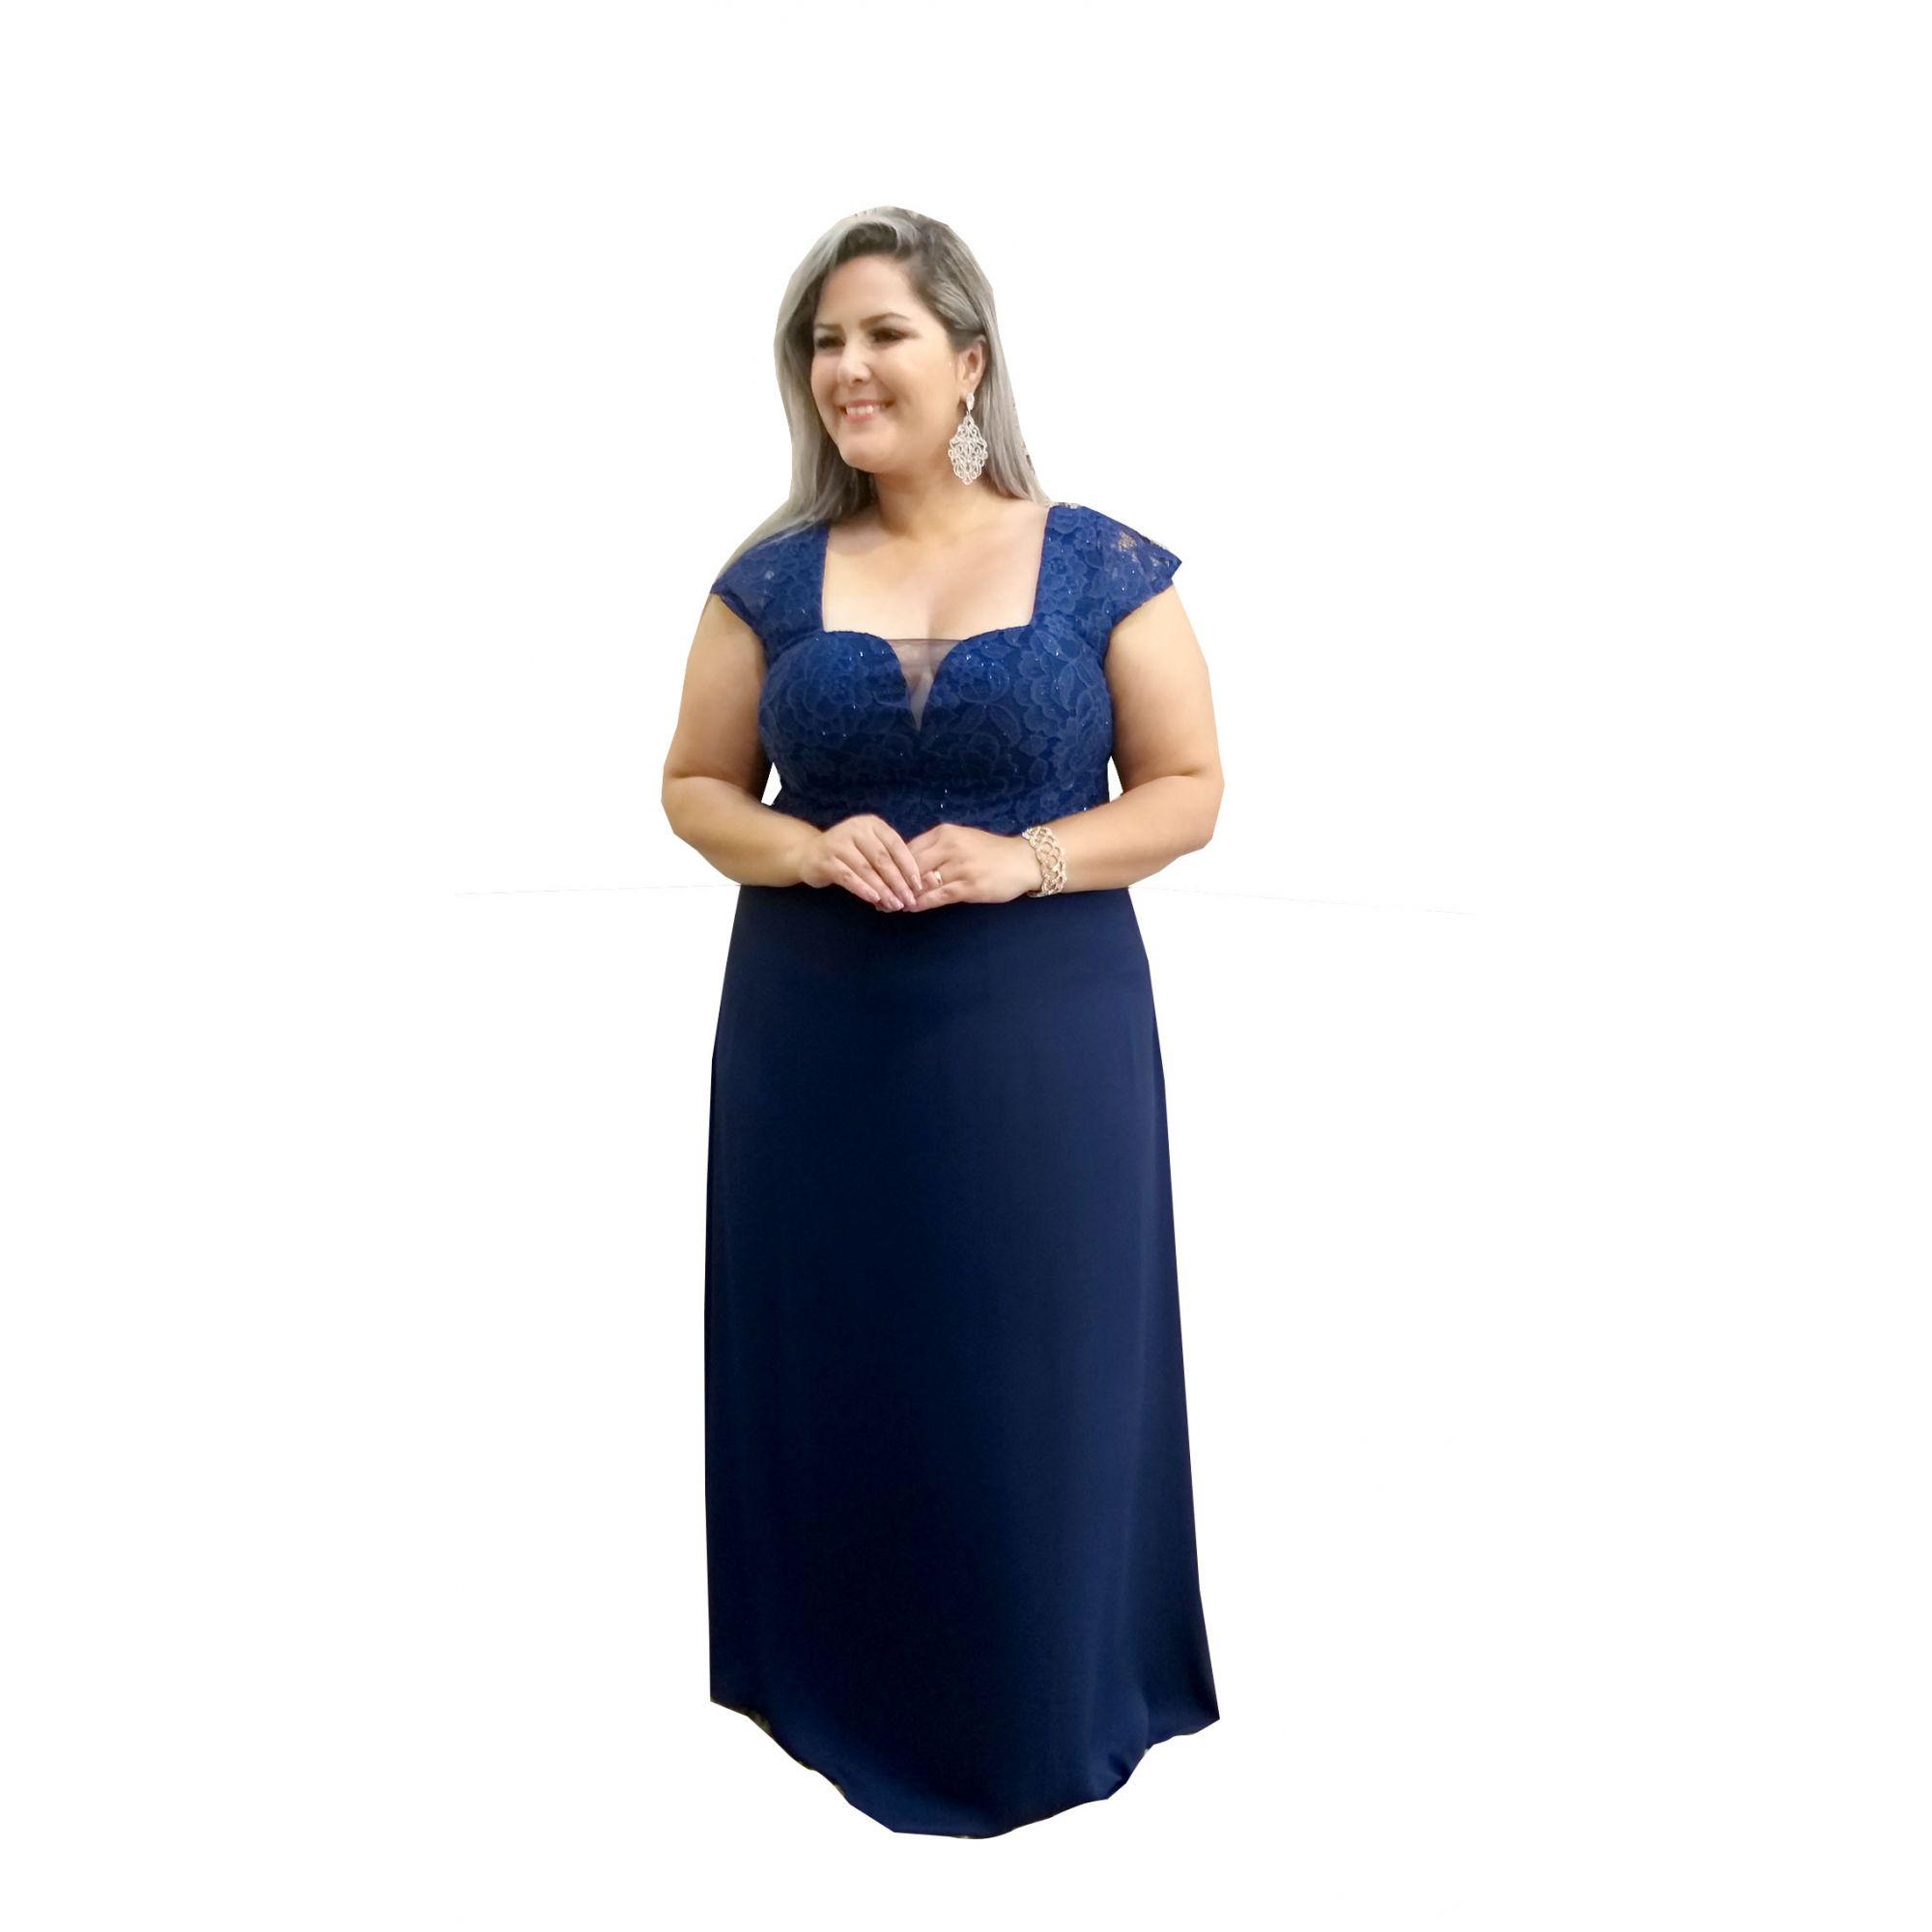 Vestido madrinha azul serenity comprar